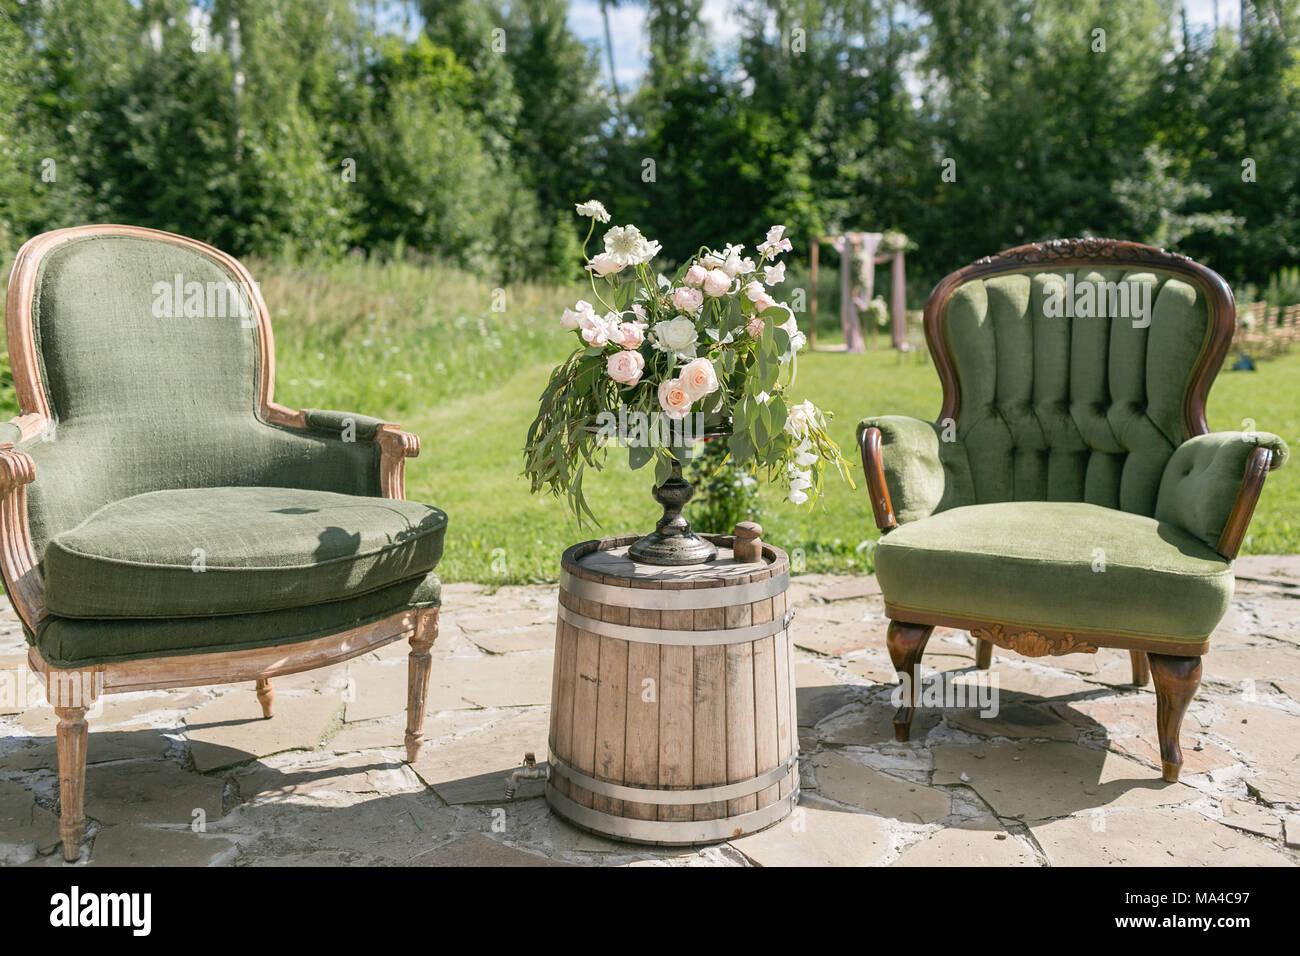 Decorazioni In Legno Per Giardino : Vintage legno sedie e tavolo con decorazioni di fiori nel giardino